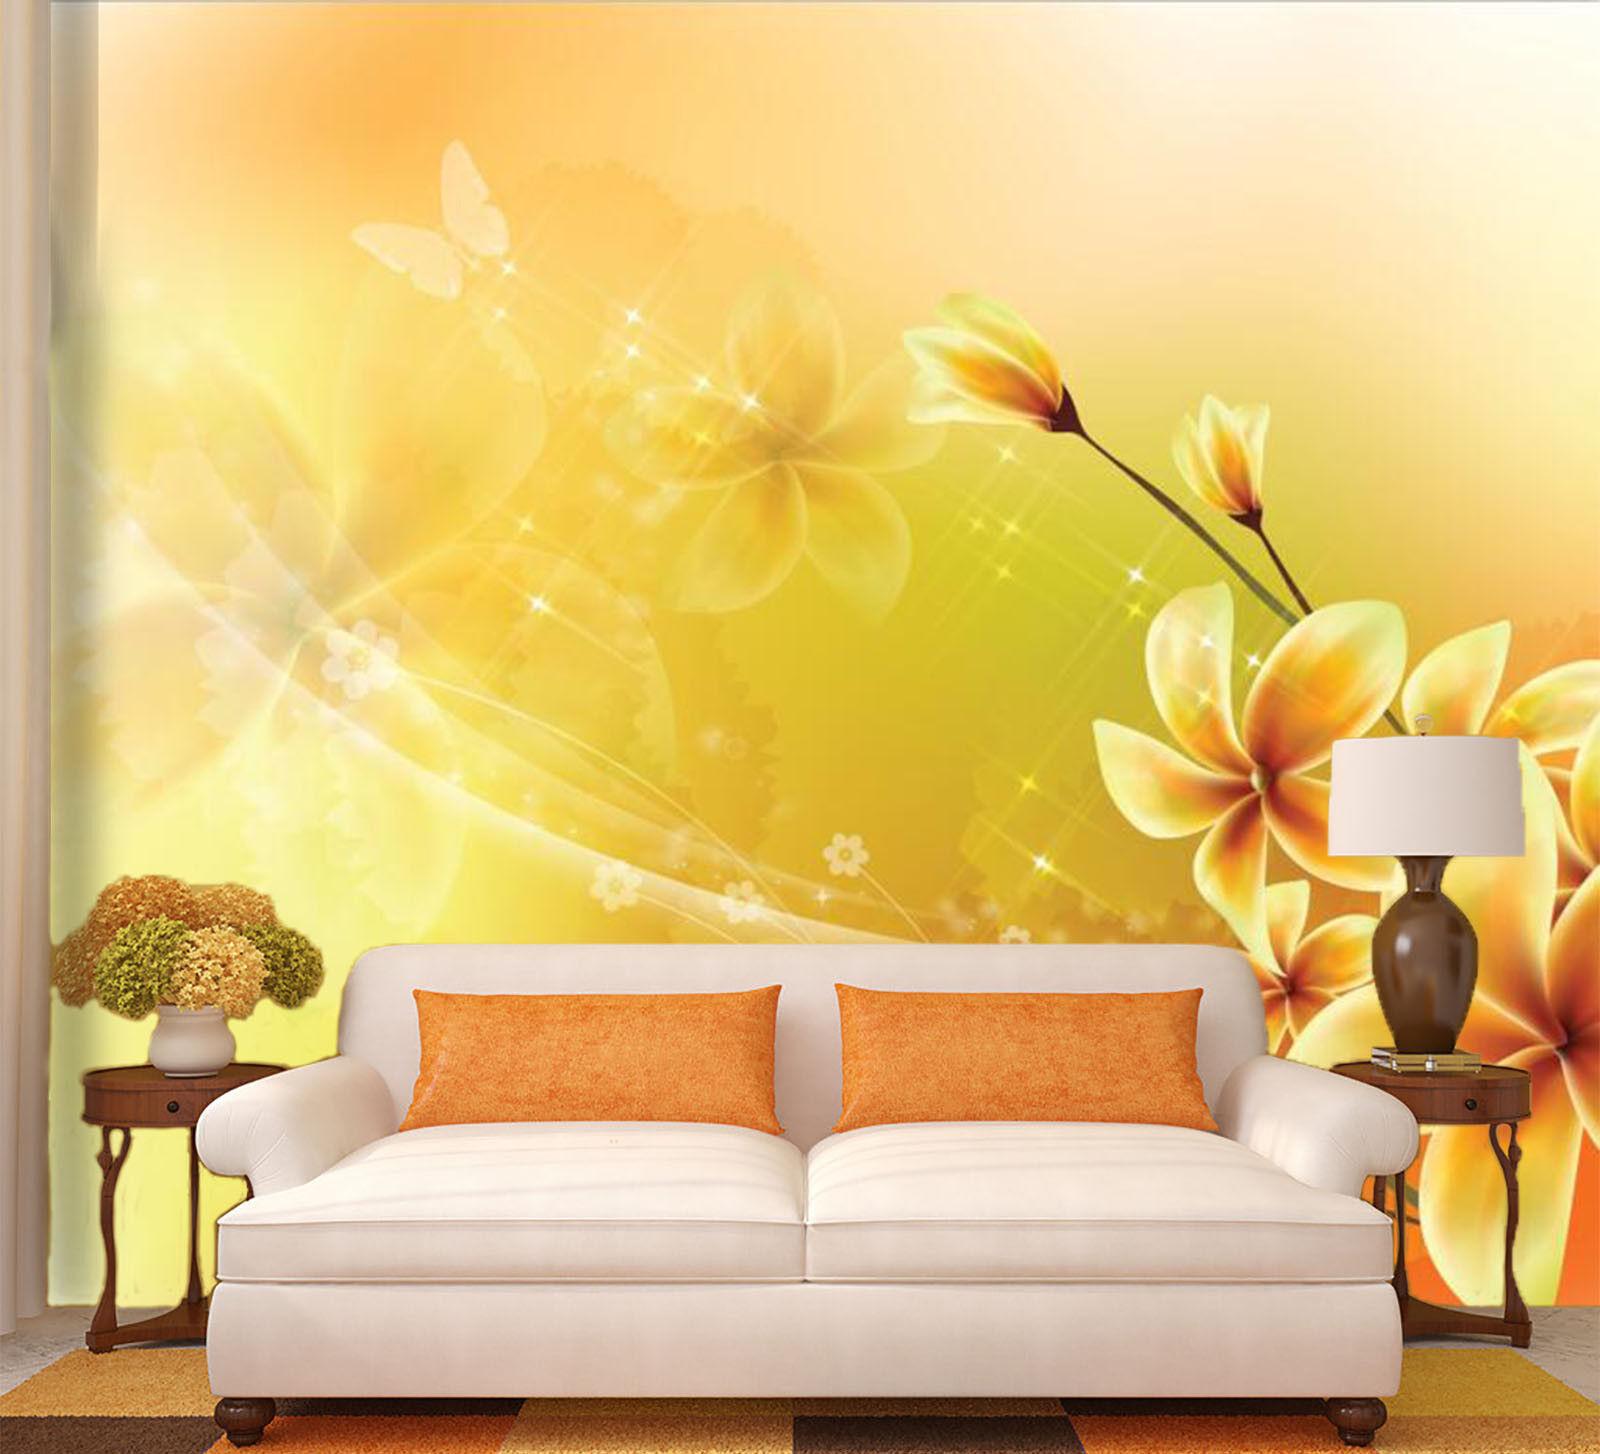 3D Gelb Sternenhimmel Blaumen 778 Tapete Wandgemälde Tapeten Tapeten Tapeten Bild Familie DE Kyra   Qualität    Hohe Qualität und Wirtschaftlichkeit     f806cf